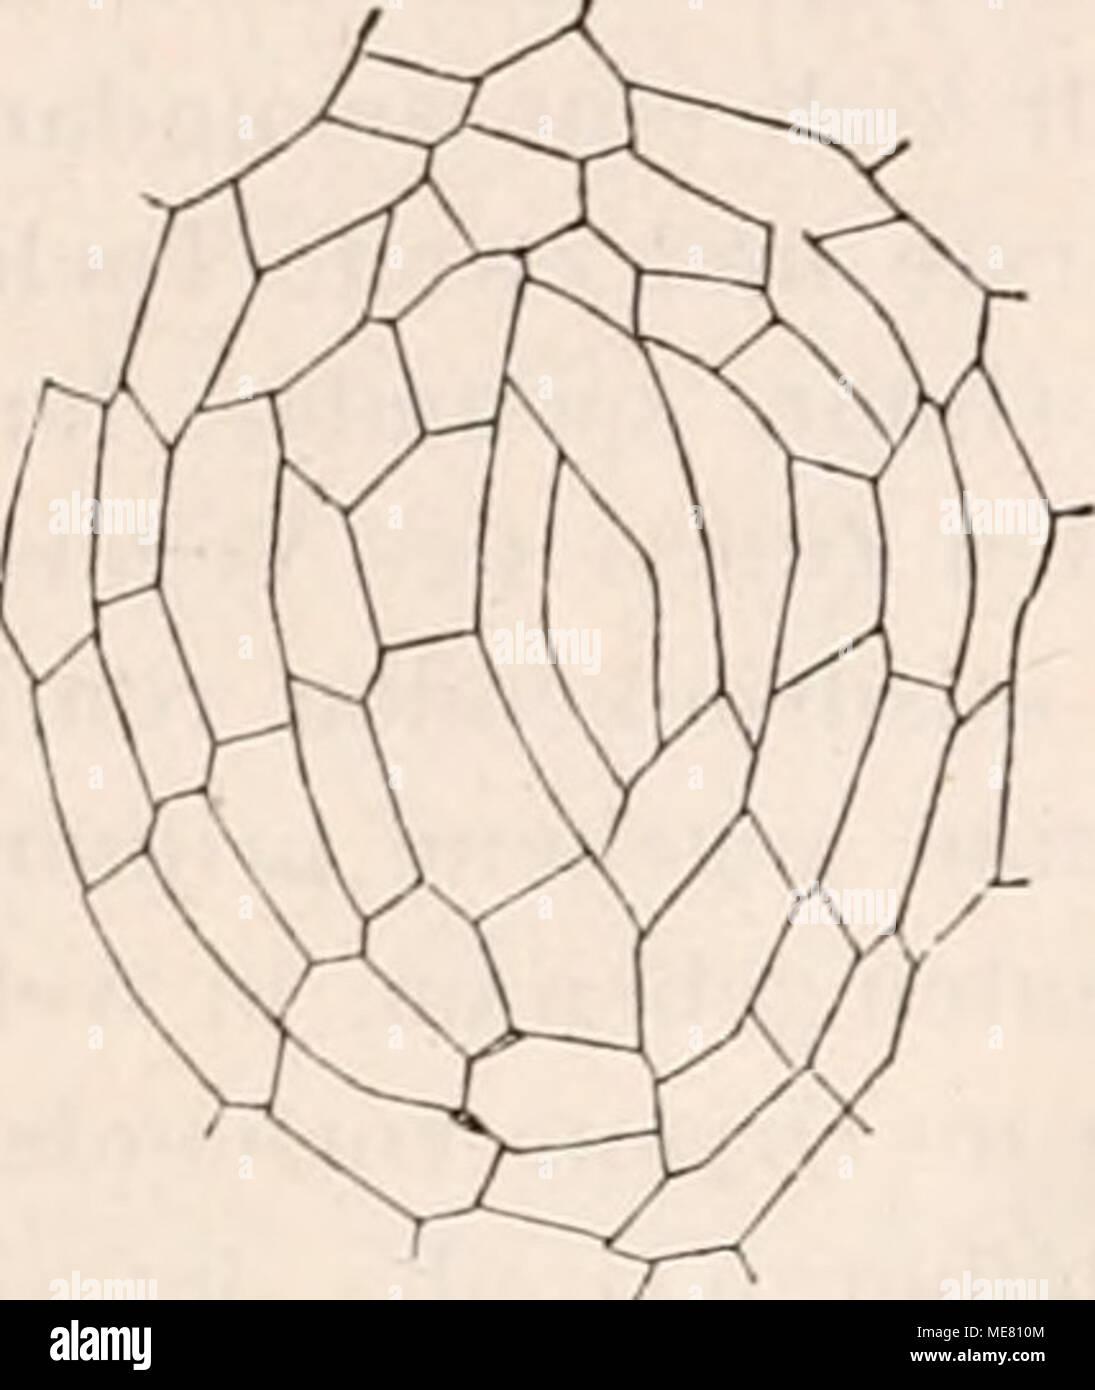 """. Die Lehre von der Pflanzenzelle. 131 §^^ - Vcrhältiiiss d. Zum zclleiibildung Waclistlium d. Pllanzonorganc Pflnnzcii ii. Wachsende Yeizelationspiinkte Sindh eine plastische Masse. Sterben noch nicht völlig erhärtelen Zelhände folgen passiv äusseren Einflüssen, der Schwerkraft z. B., oder 1963 Drucke, jahrforschung sie unter Umständen nach den Formen unsere angränzender fester Körper sich Modeln """"j. Für die Form von Vegetationspunklen bestimmend ist vielfach auch die Stellung und das maass der Entwickelung aus Unsere hervorgesprosster appendiculärer gefunden worden, der besagte, insbeson-dere Sterben von Blättern auf das Ende Stockbild"""